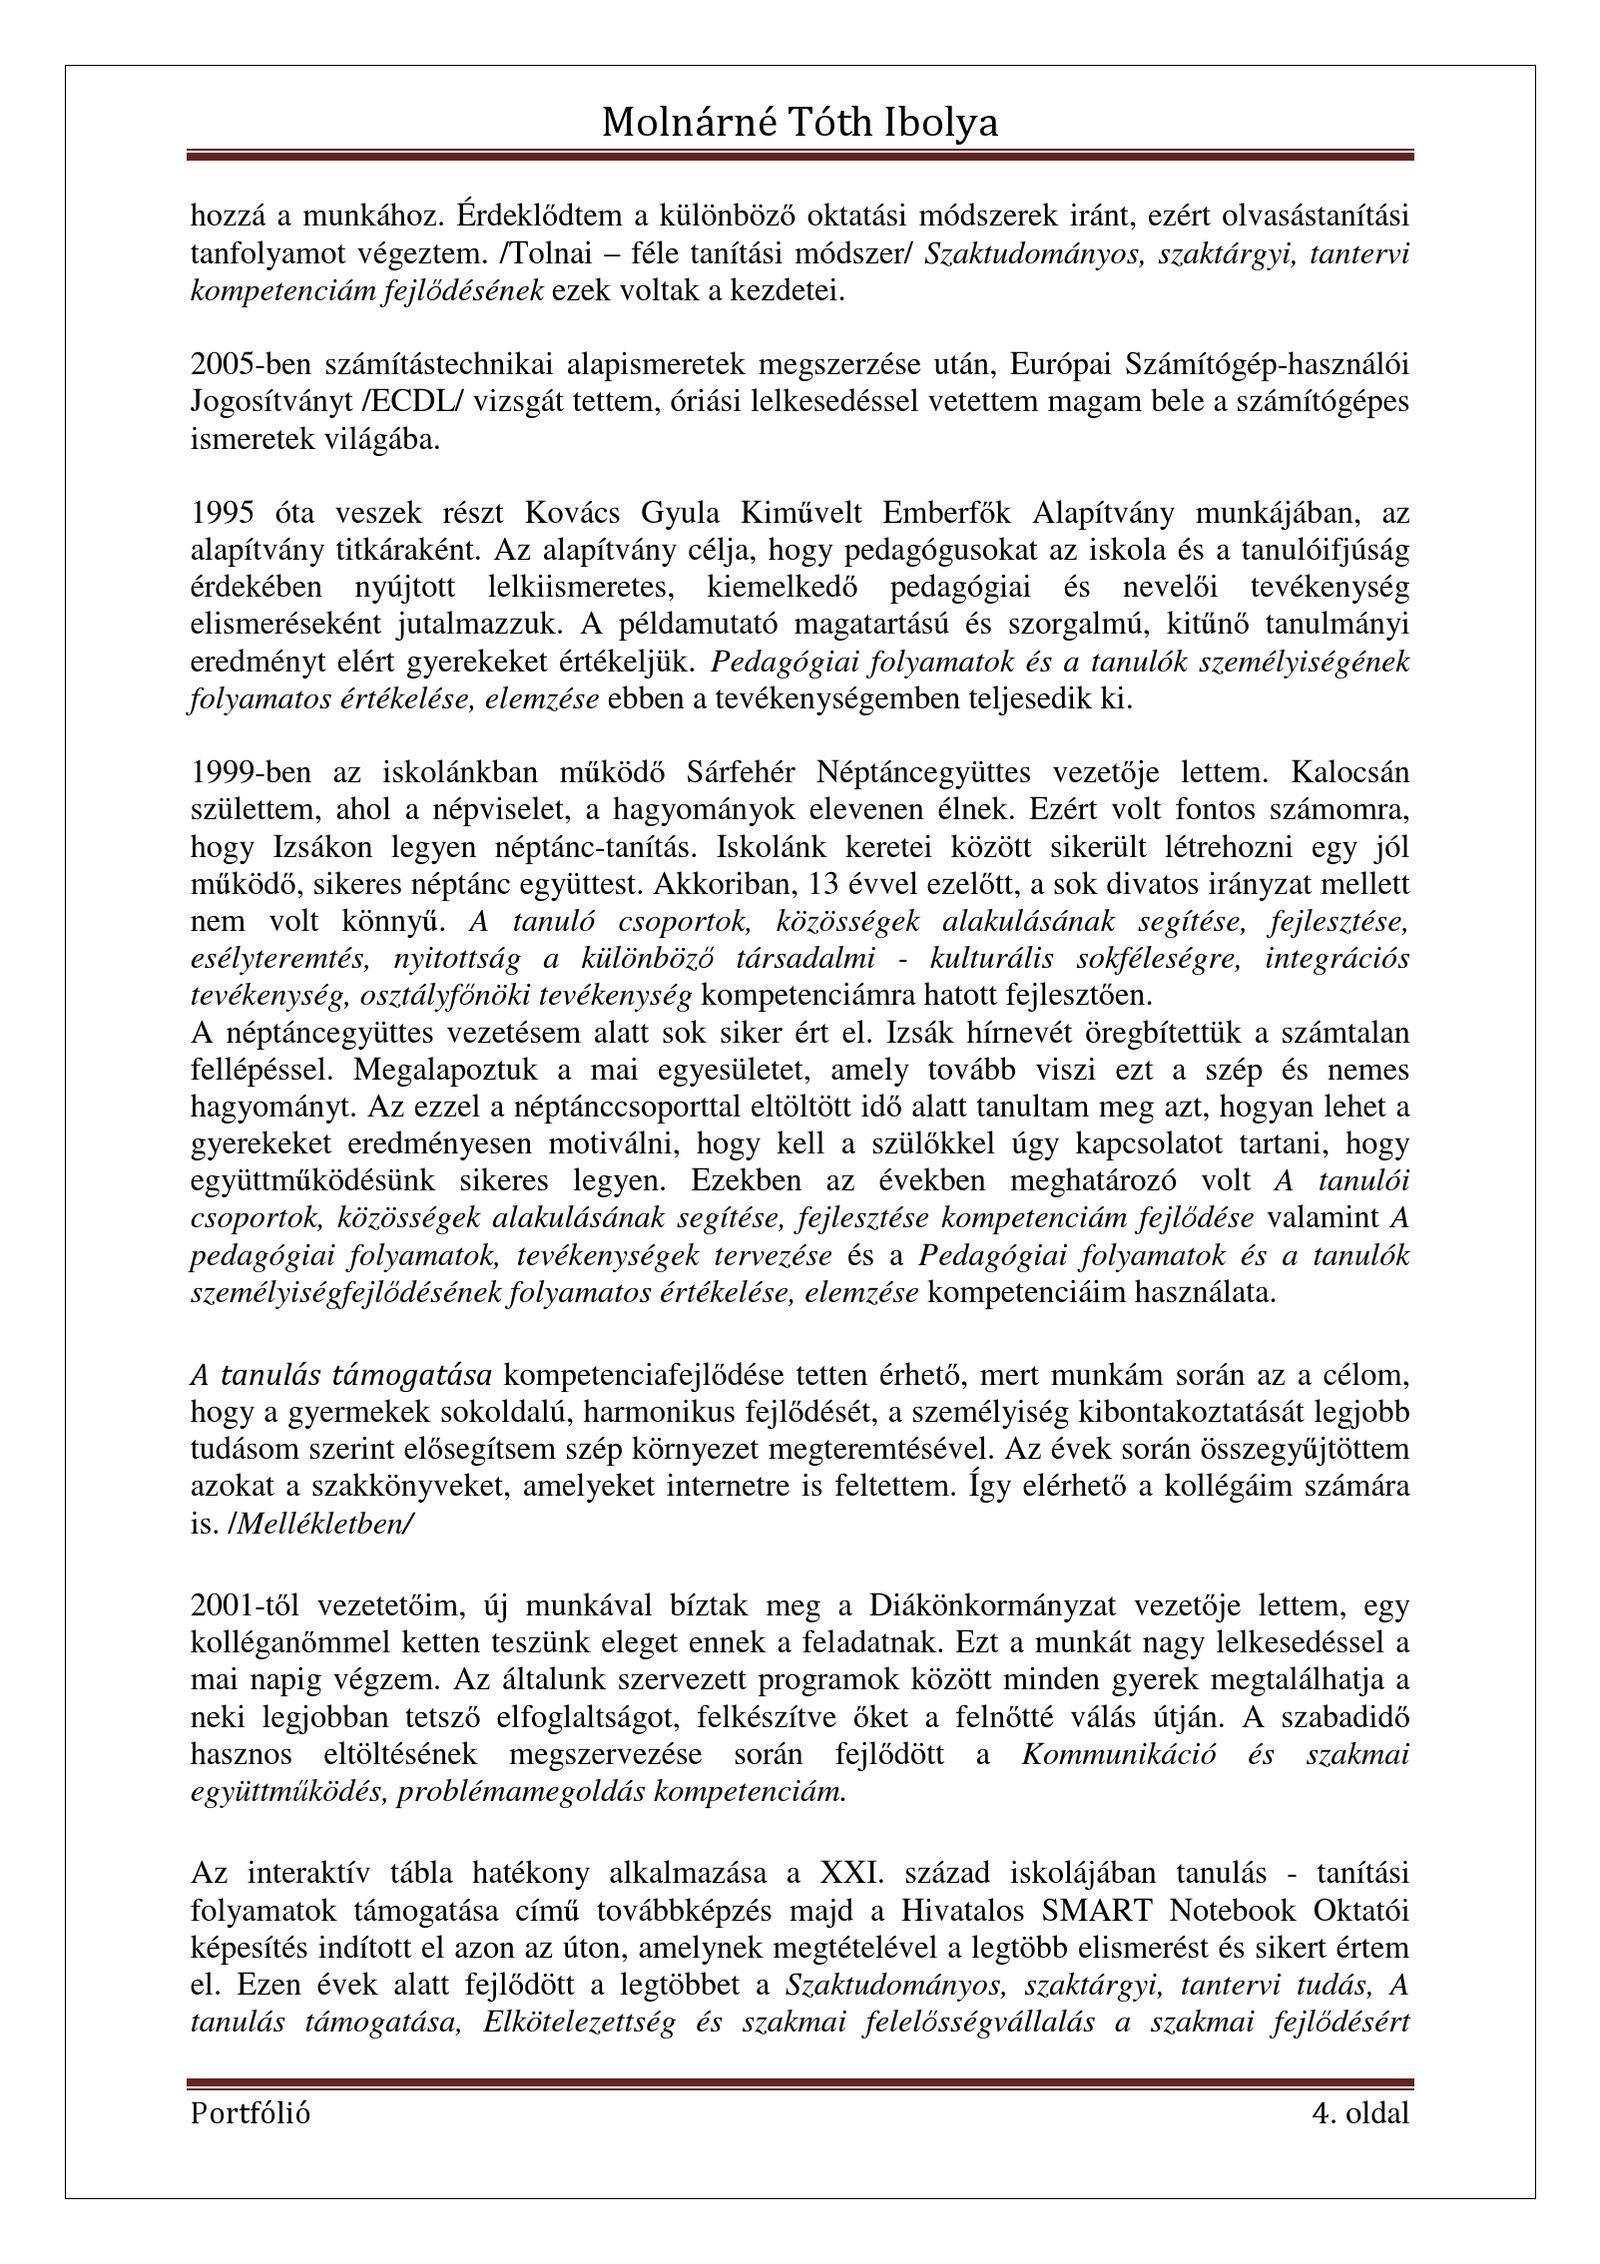 rák szakmai fejlődés)